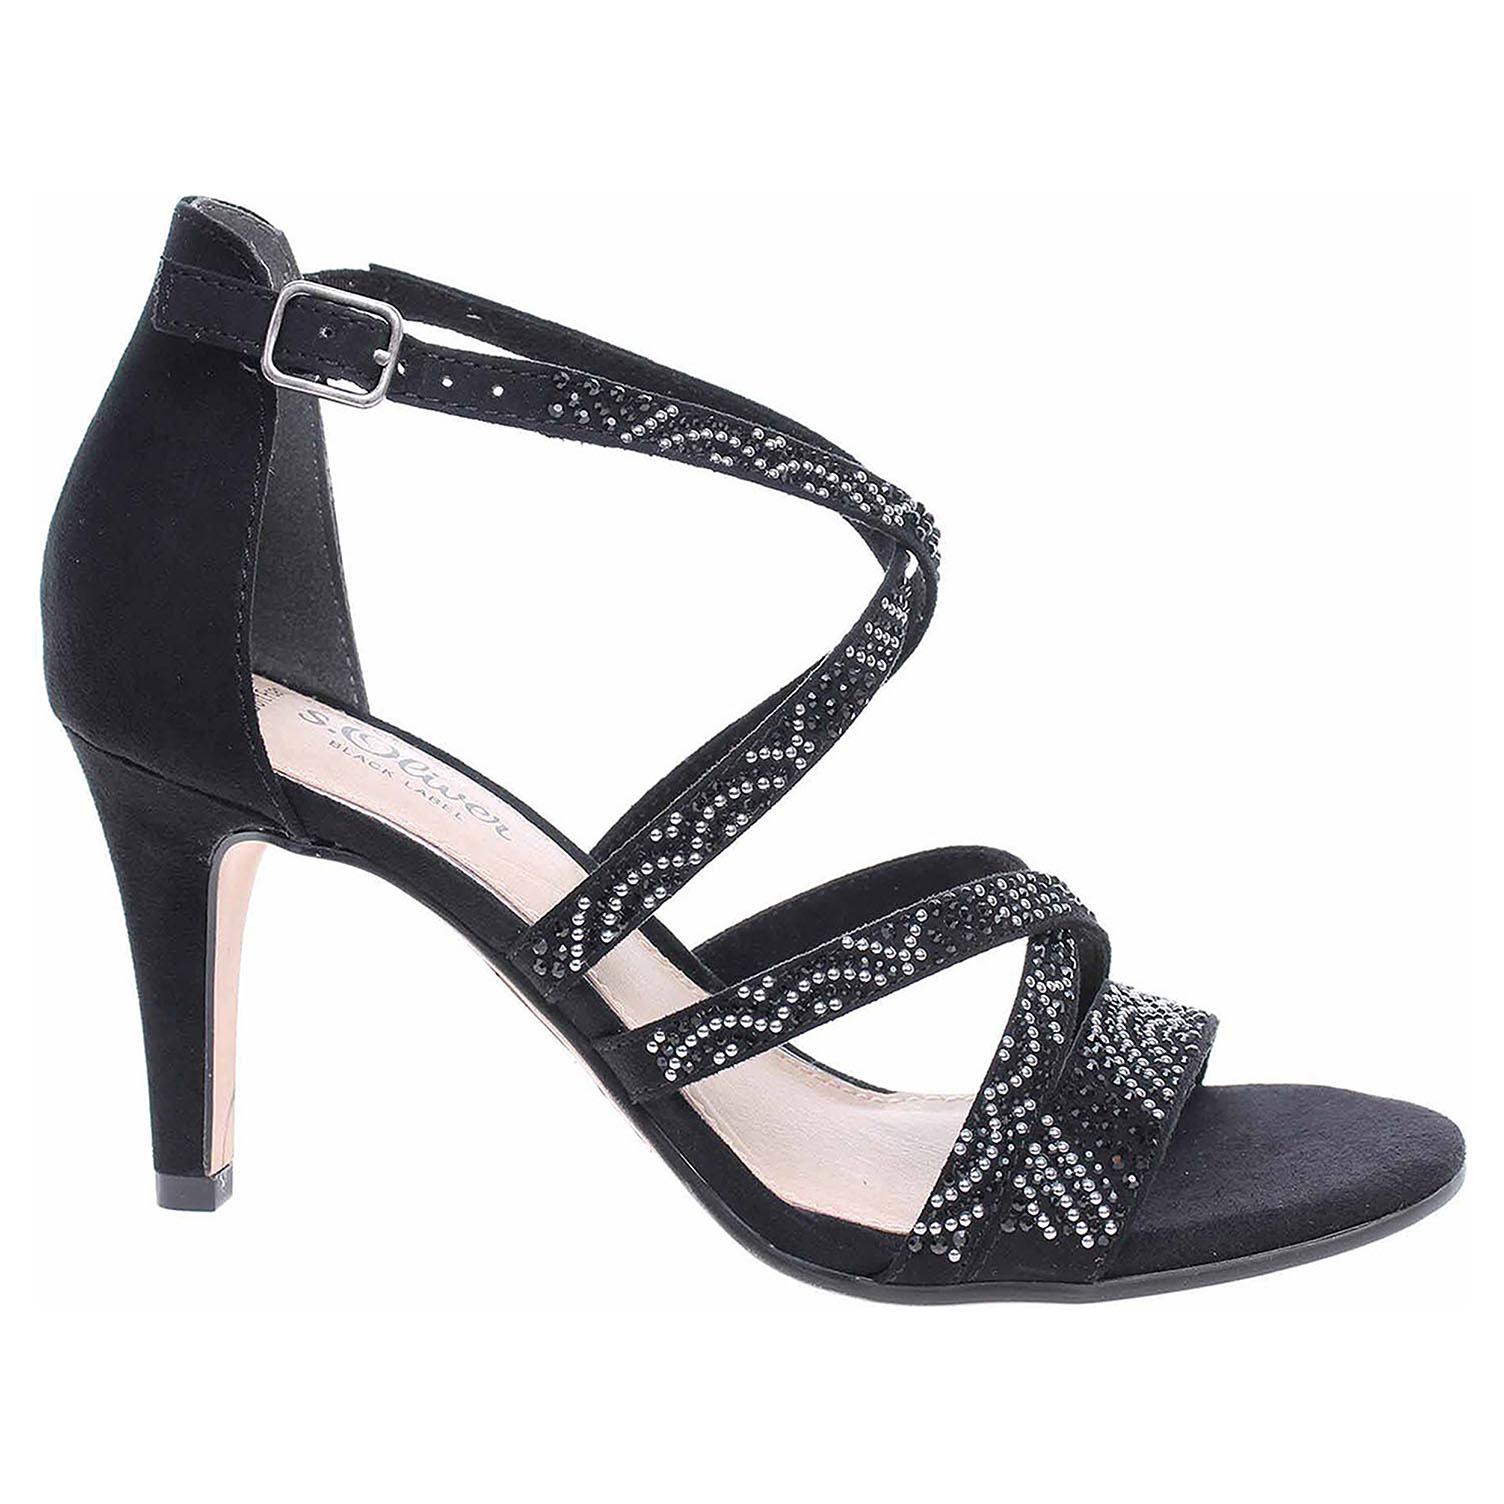 Dámská společenská obuv s.Oliver 5-28306-22 black 5-5-28306-22 001 38